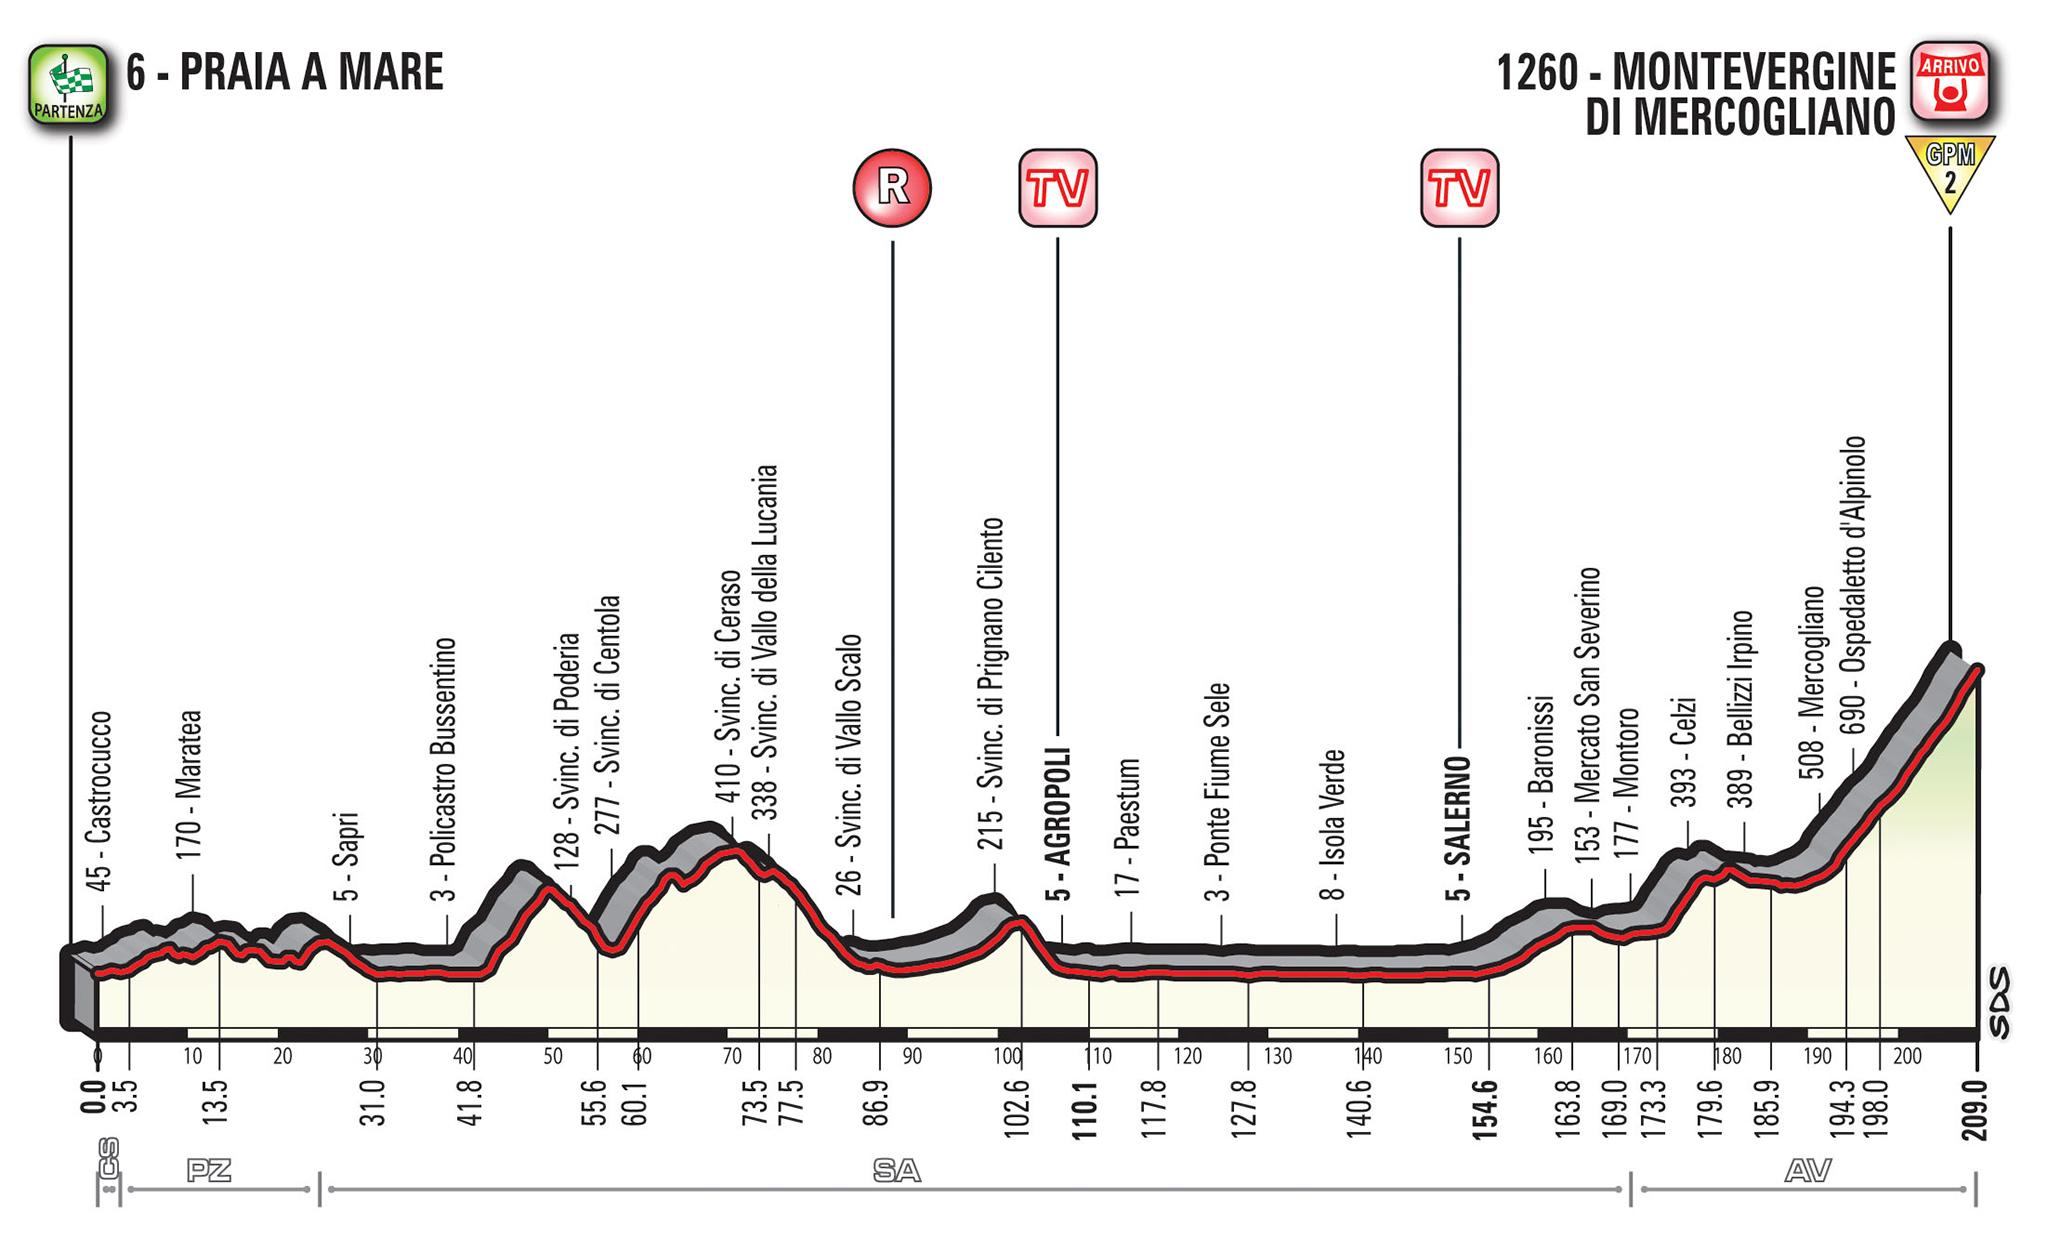 Giro d'Italia 8e etappe